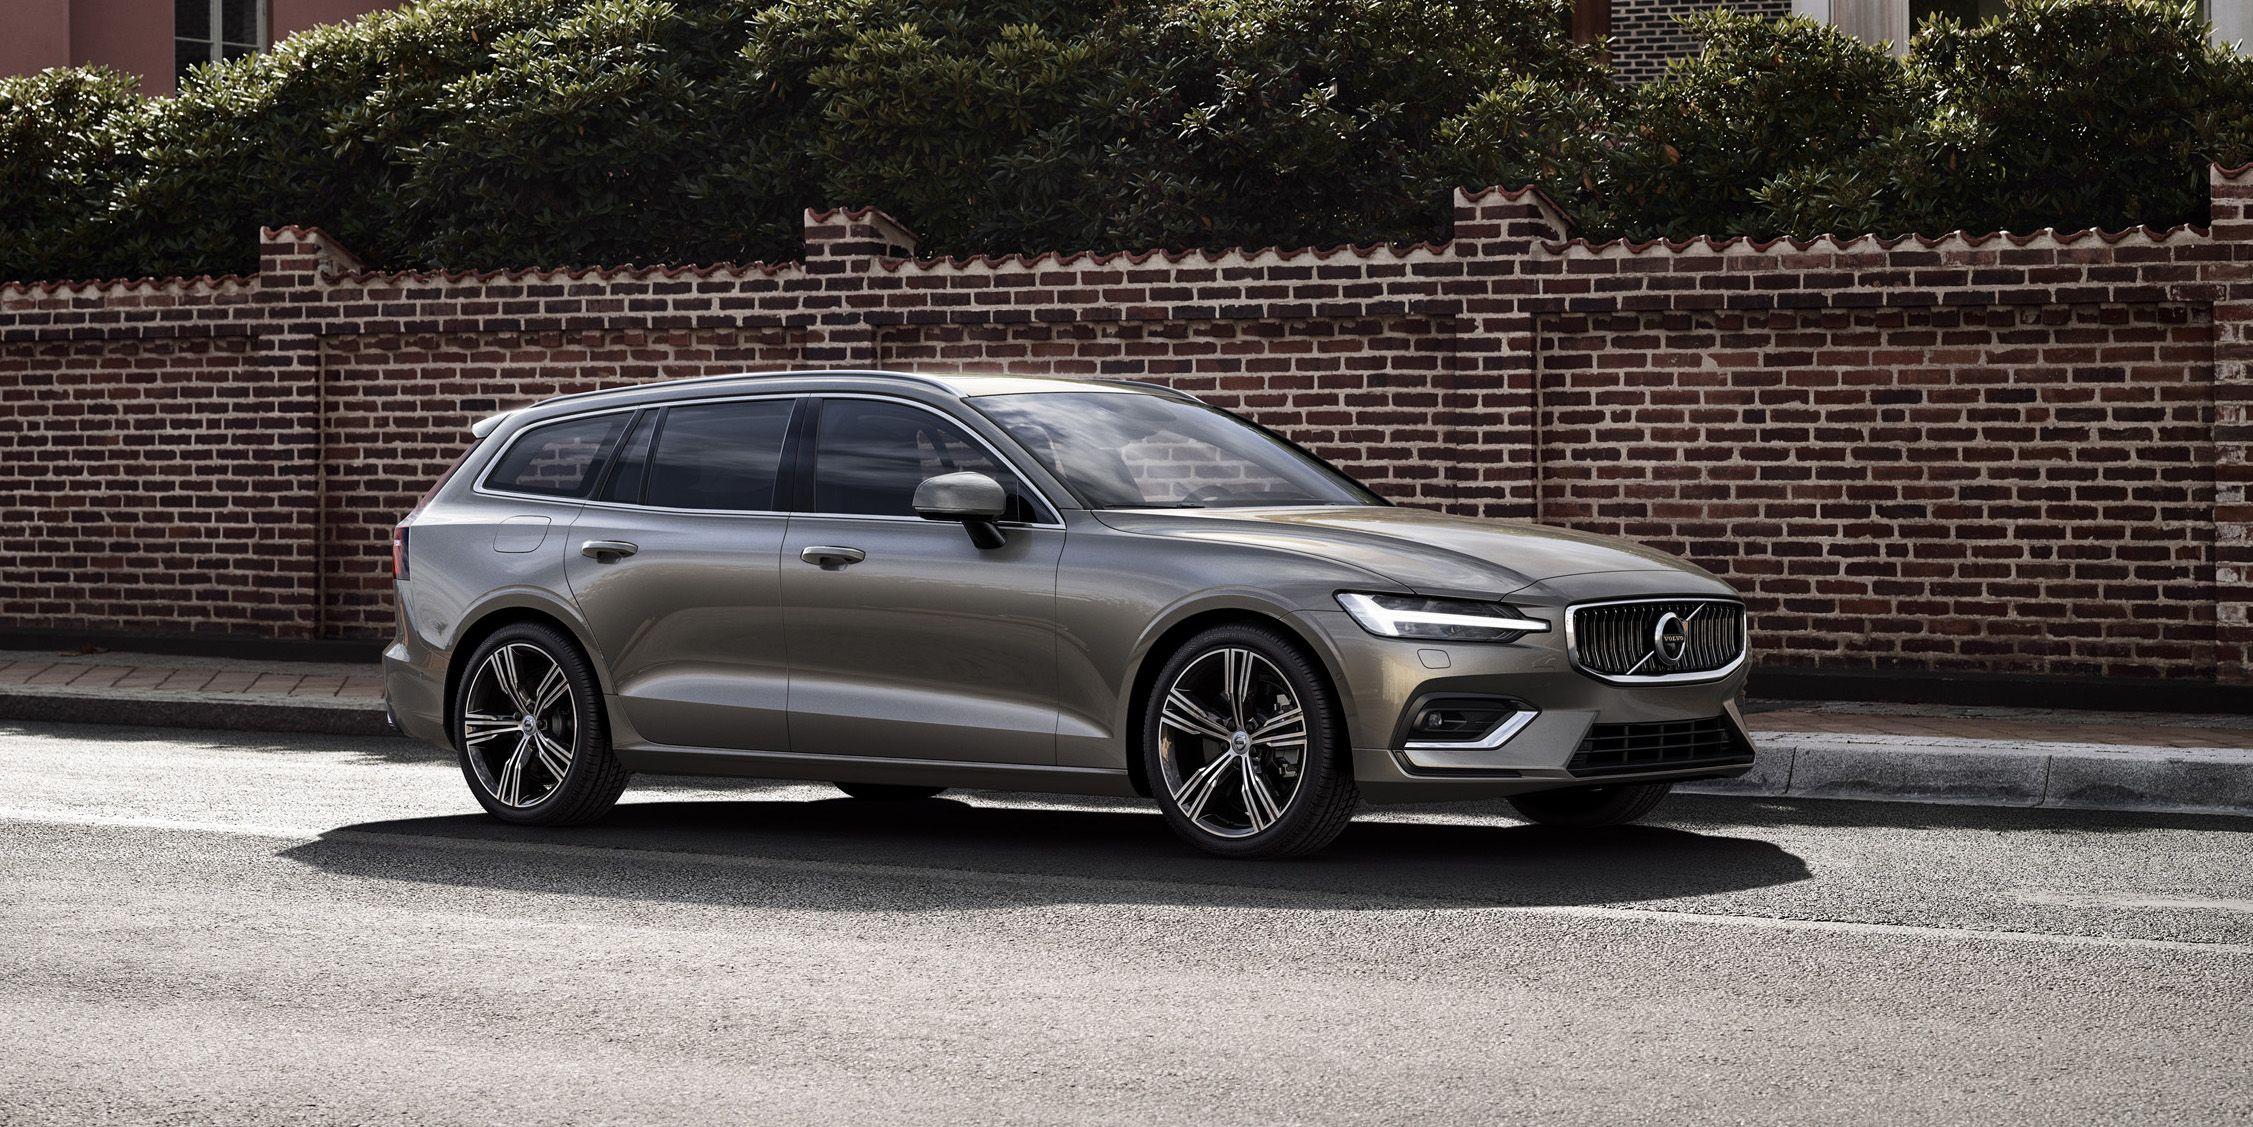 2019 Volvo V60 It S Wagontime